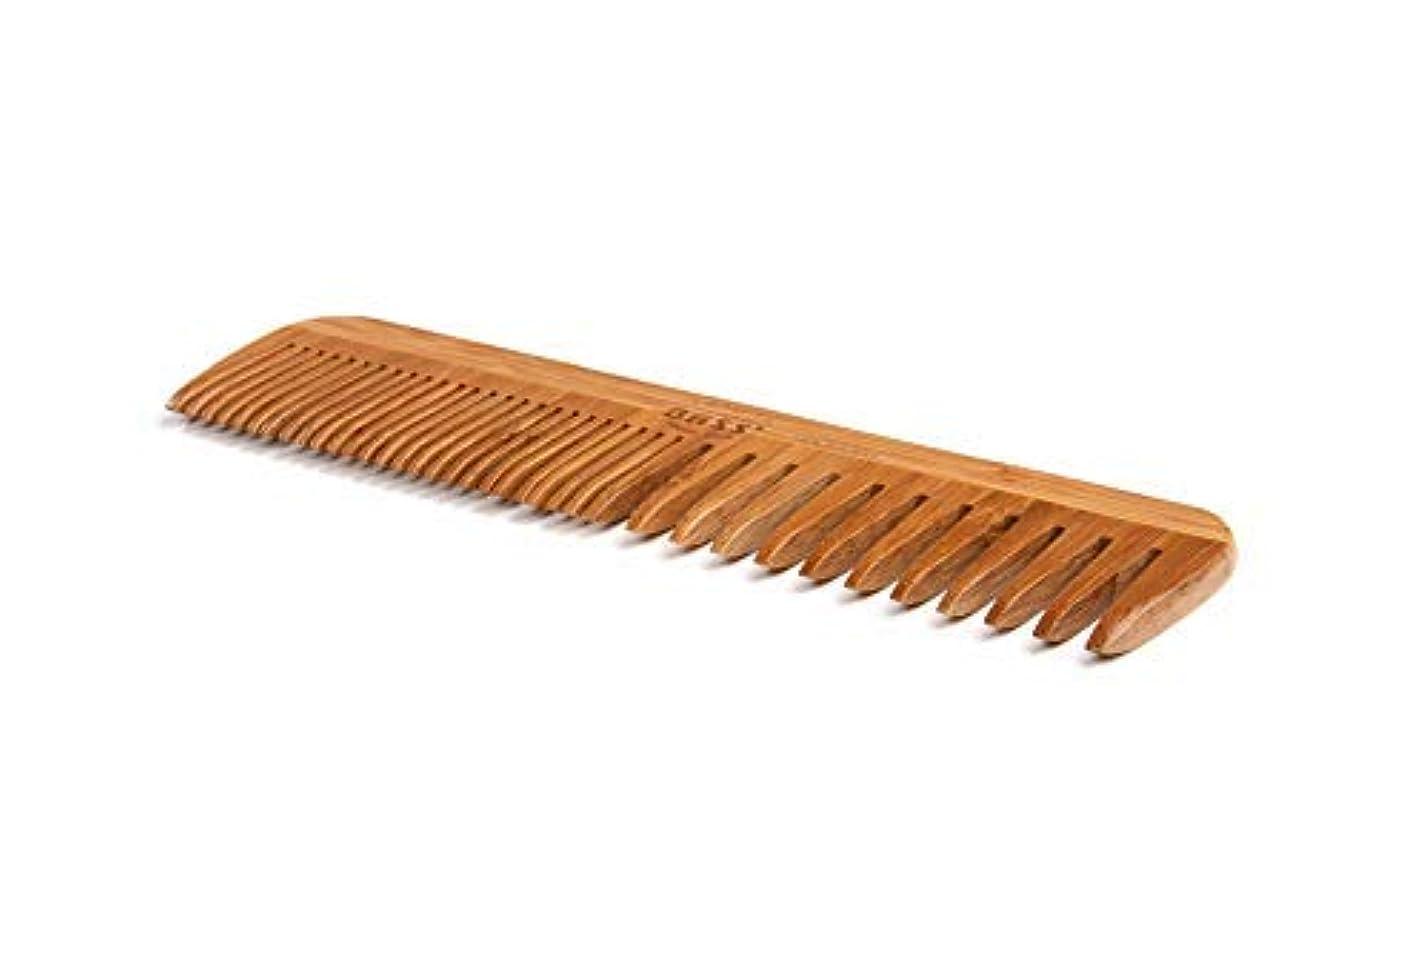 覆す地中海マーカーBass Brushes | Grooming Comb | Premium Bamboo Teeth and Handle | Wide Tooth/Fine Tooth Combination | Dark Finish | Model W3 - DB [並行輸入品]